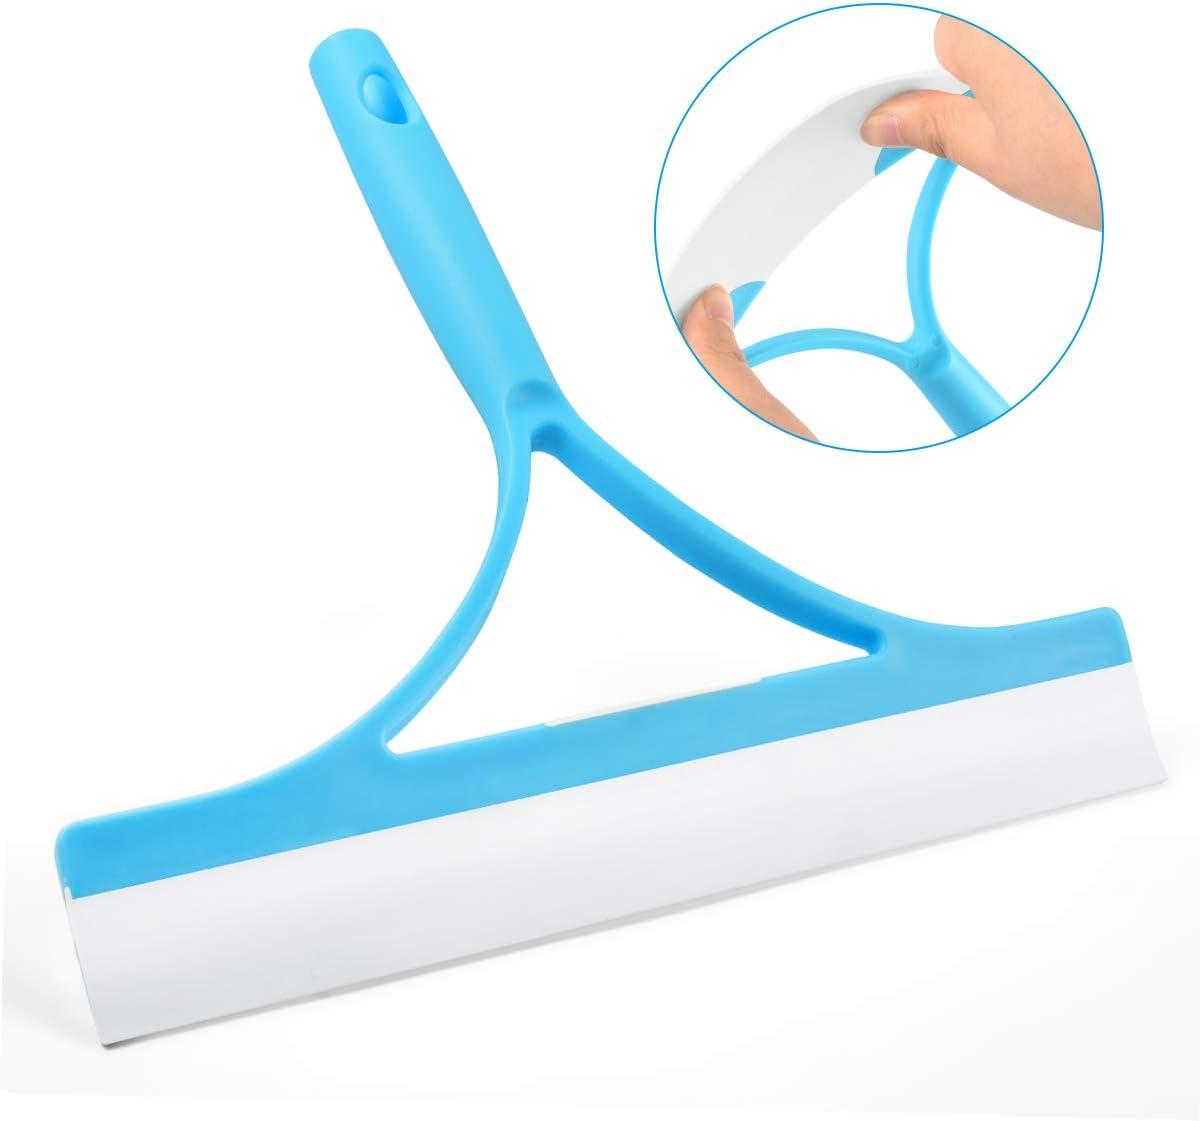 Yuede - Limpiacristales (mango de plástico, con labio de goma profesional, cabezal plegable, giratorio), color blanco: Amazon.es: Hogar